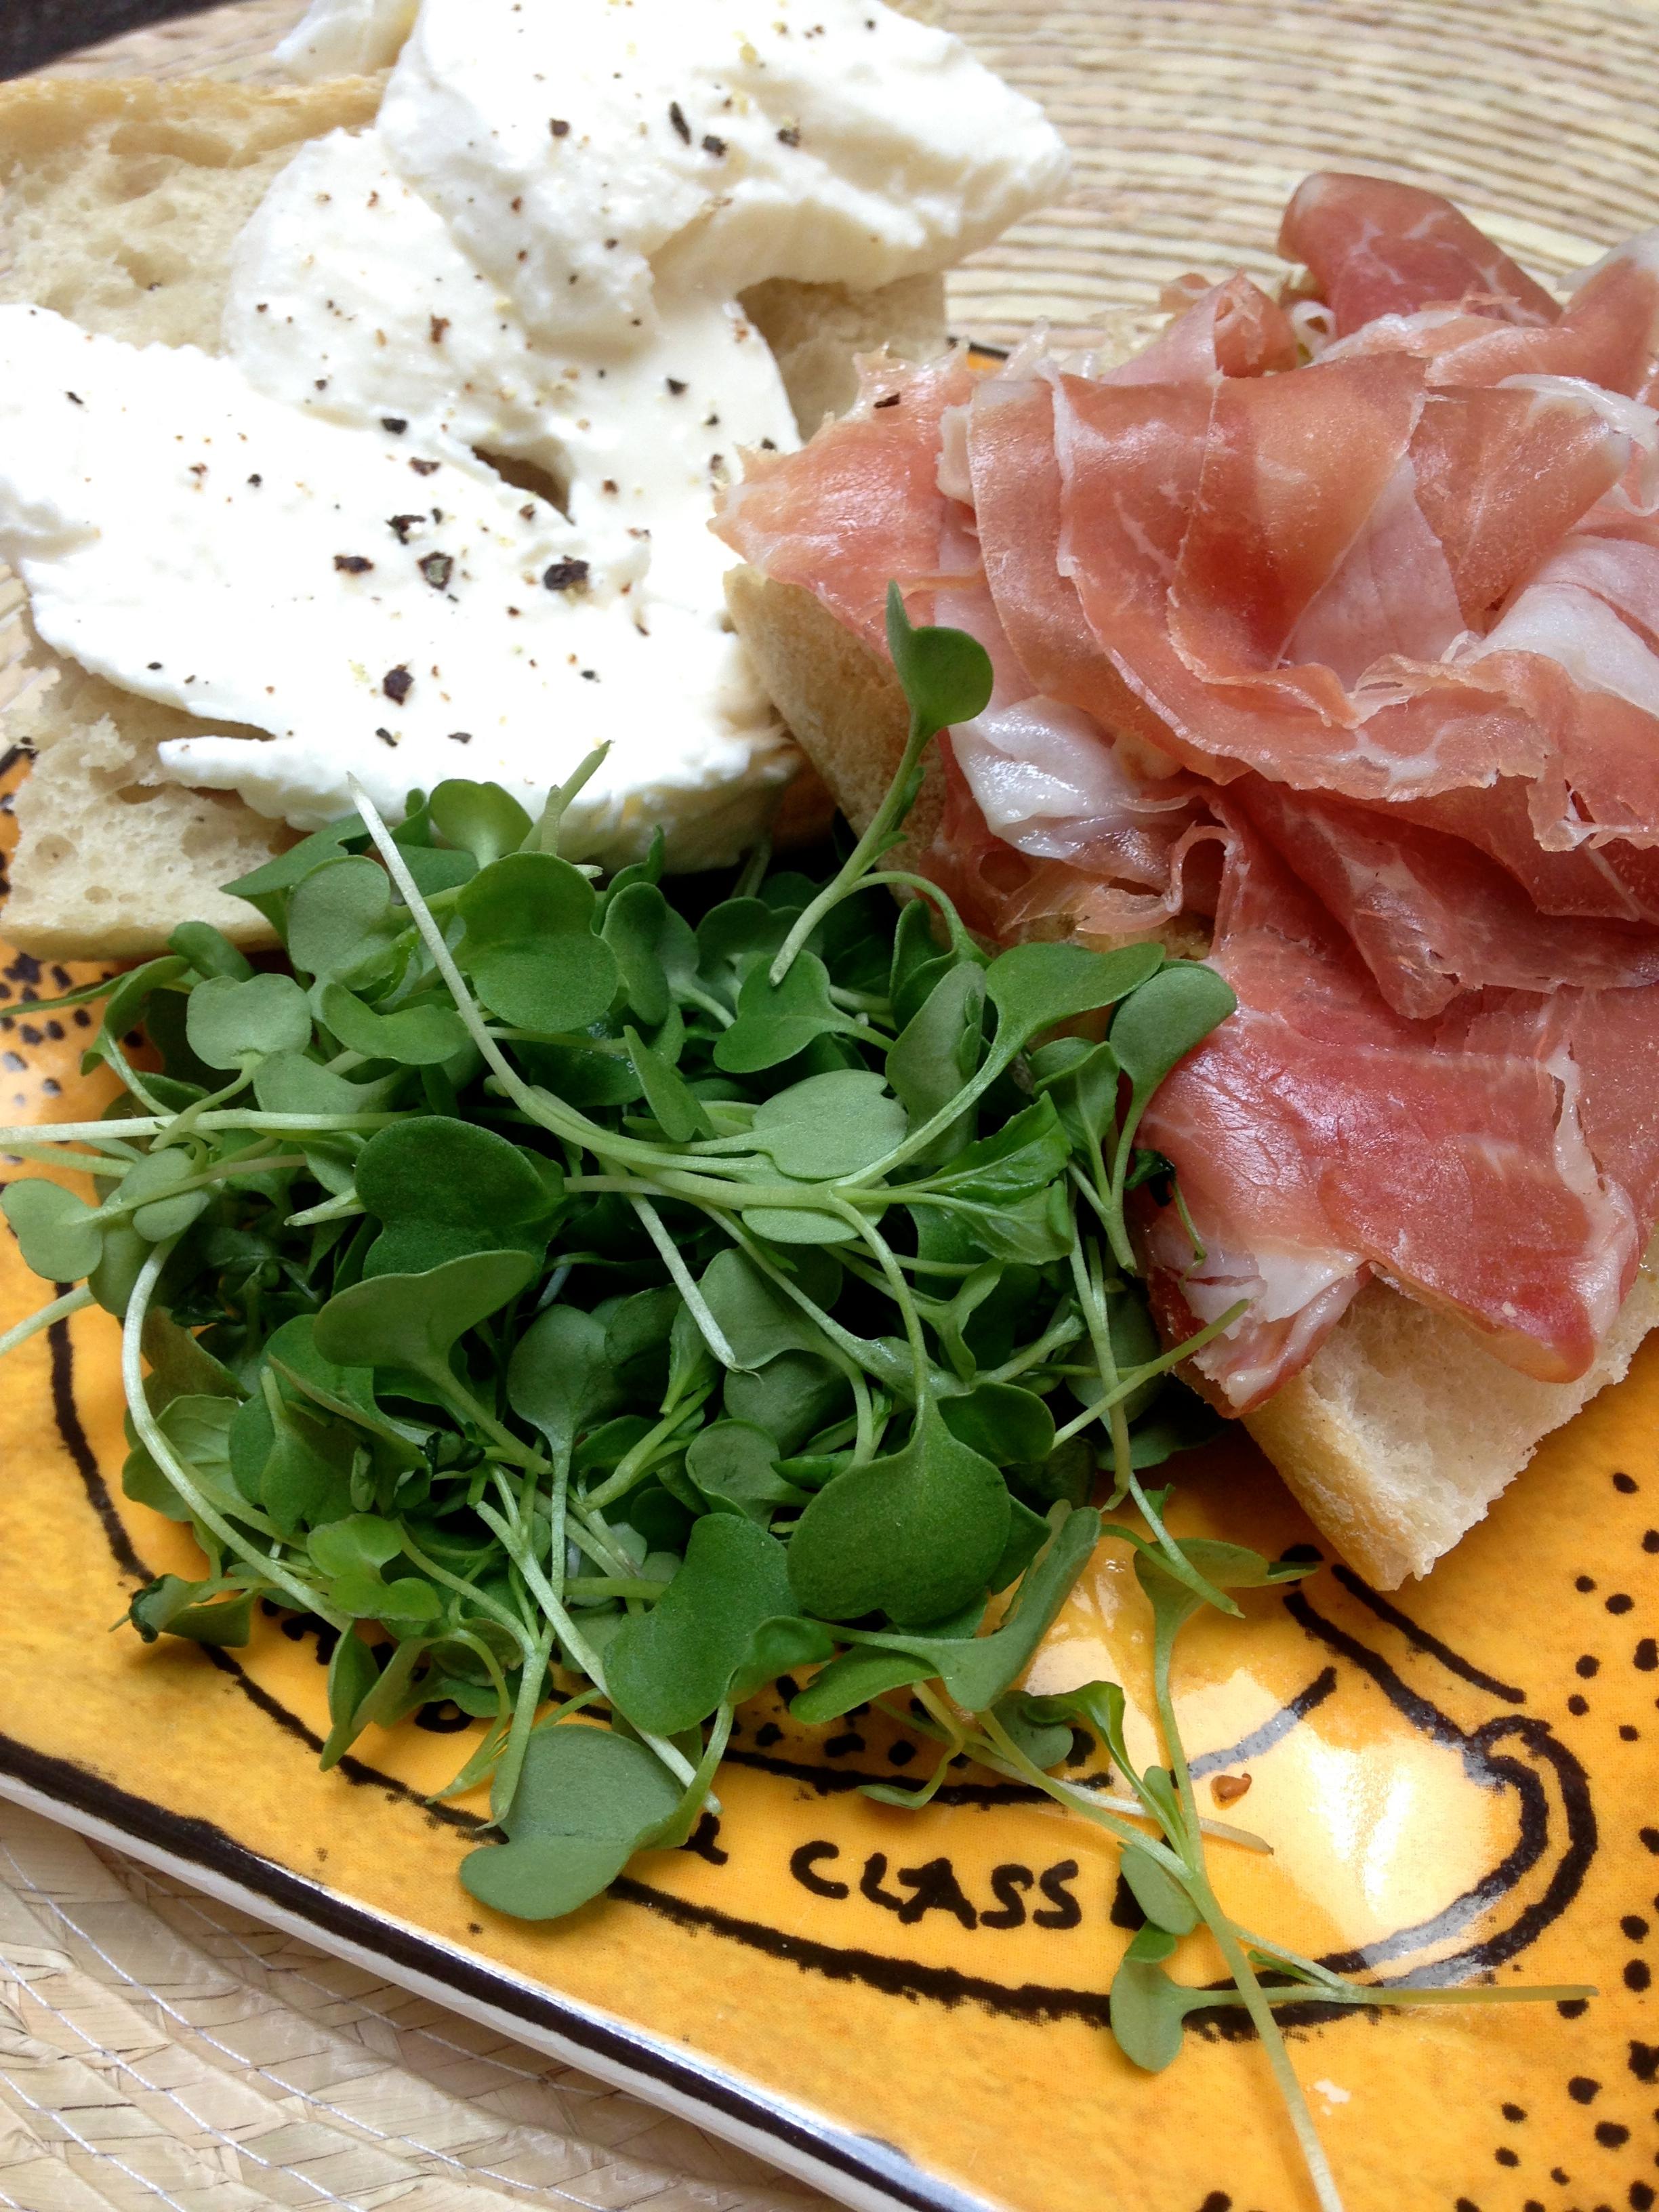 ... sandwich prosciutto and pesto panini mozzarella and prosciutto